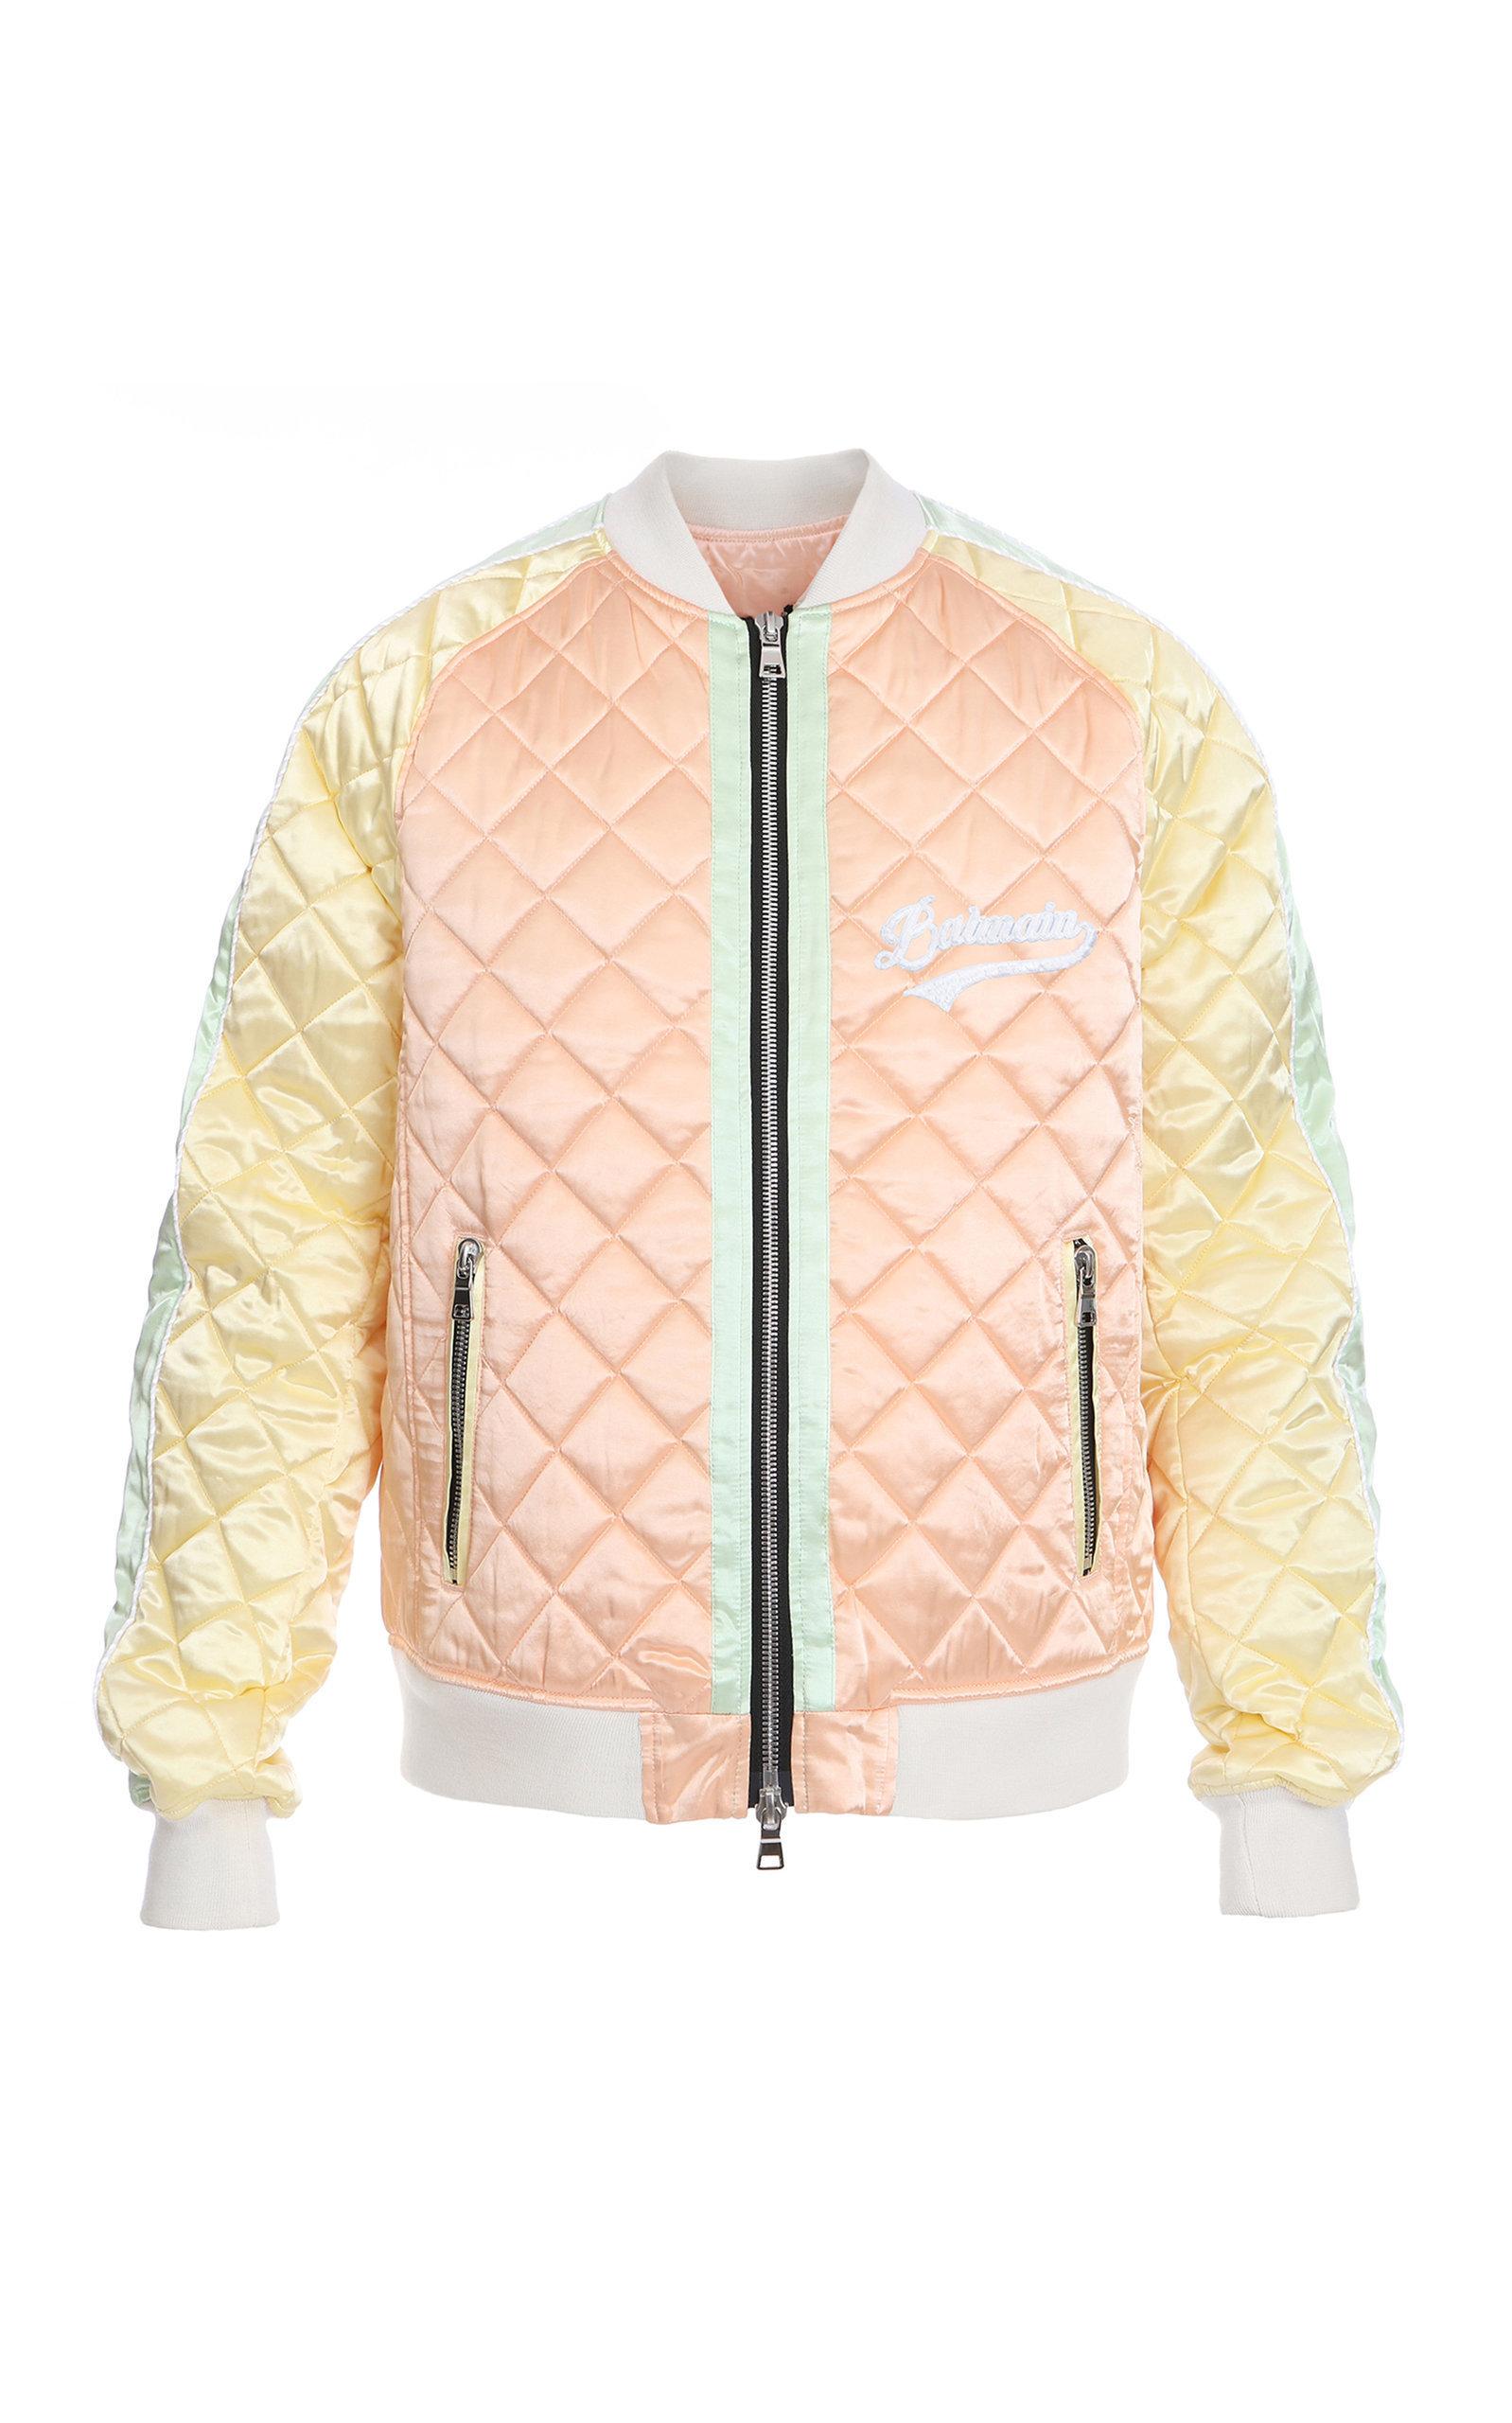 Balmain Quilted Satin Bomber Jacket Balmain Cloth Satin Bomber Jacket Bomber Jacket Cool Outfits [ 2560 x 1598 Pixel ]